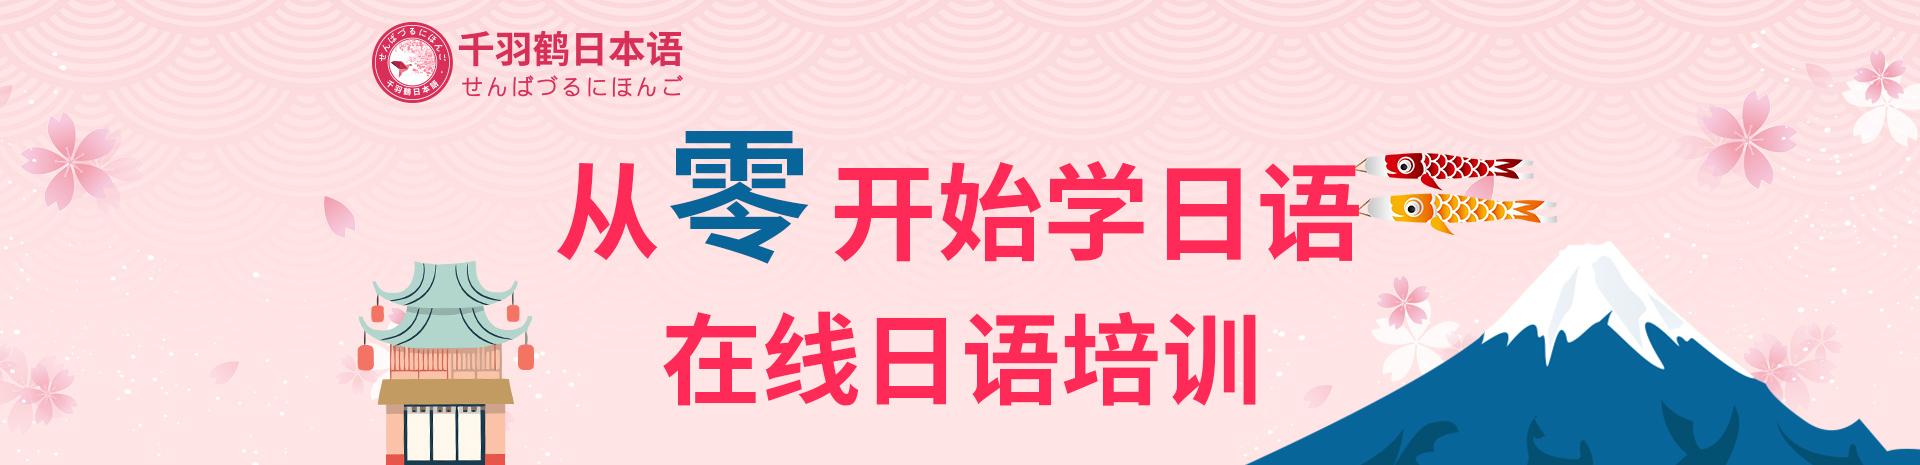 苏州千羽鹤日本语